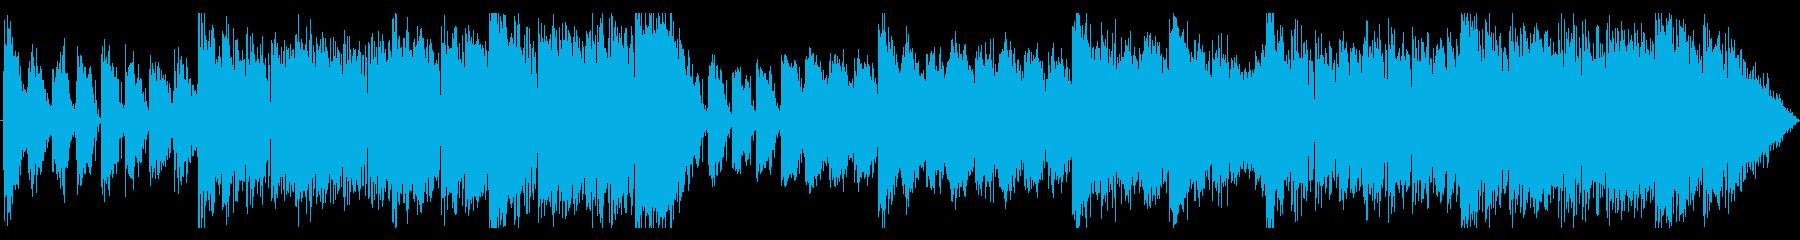 ダークでシリアスなエレクトロニカの再生済みの波形